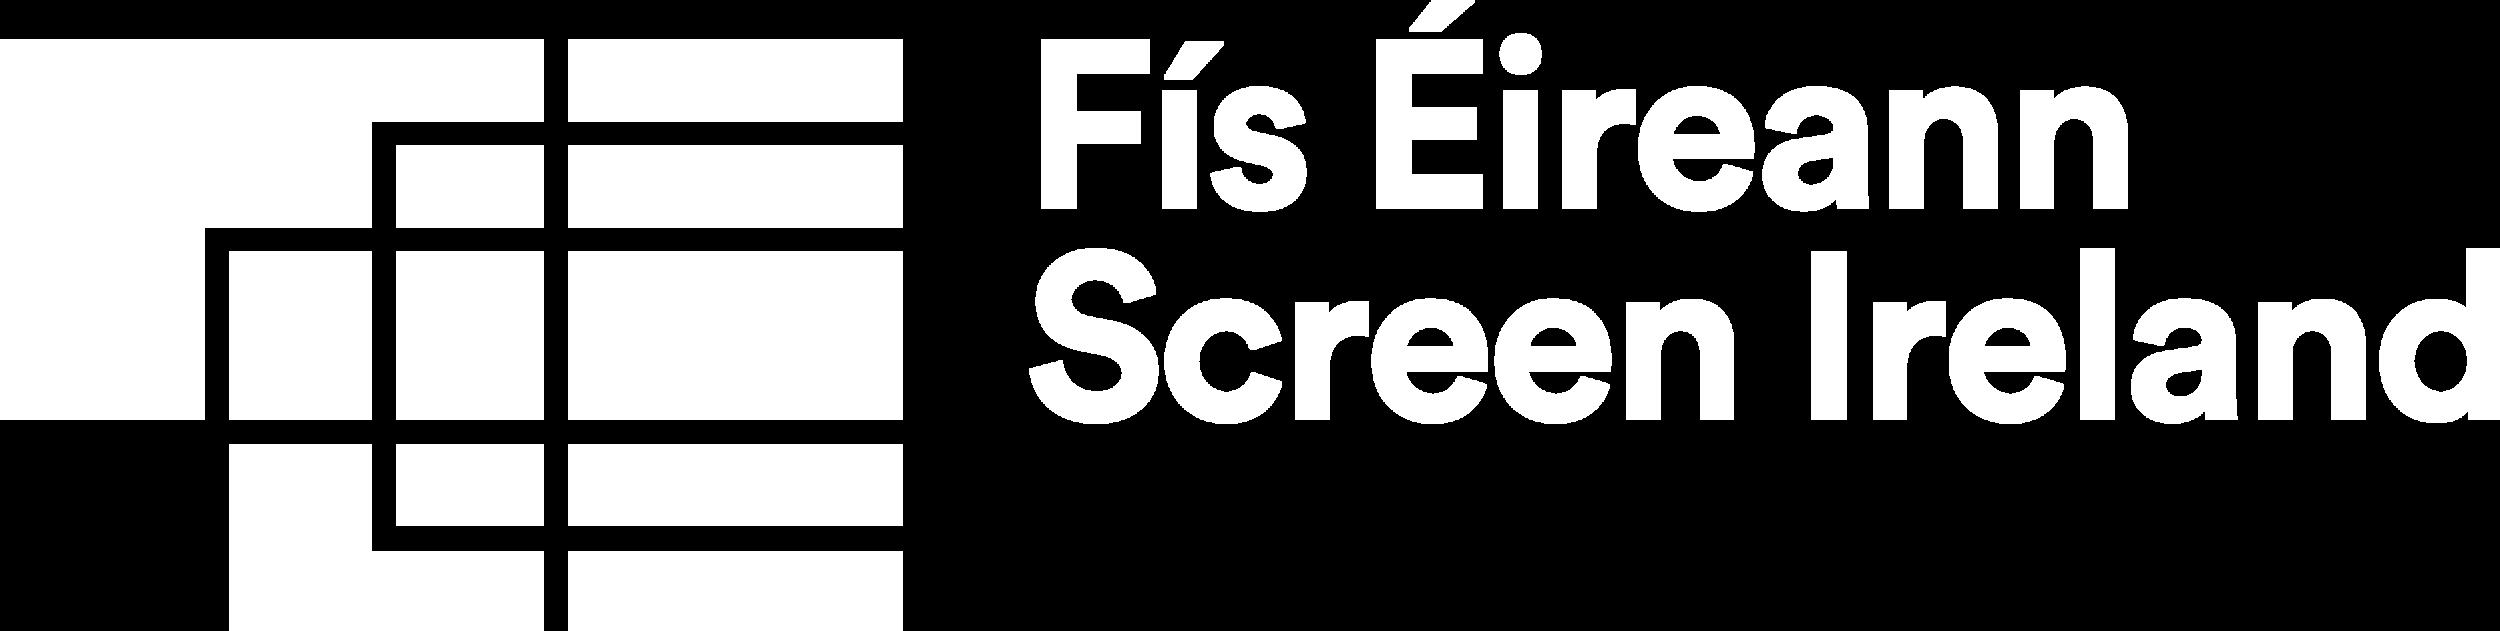 ScreenIreland_White.png